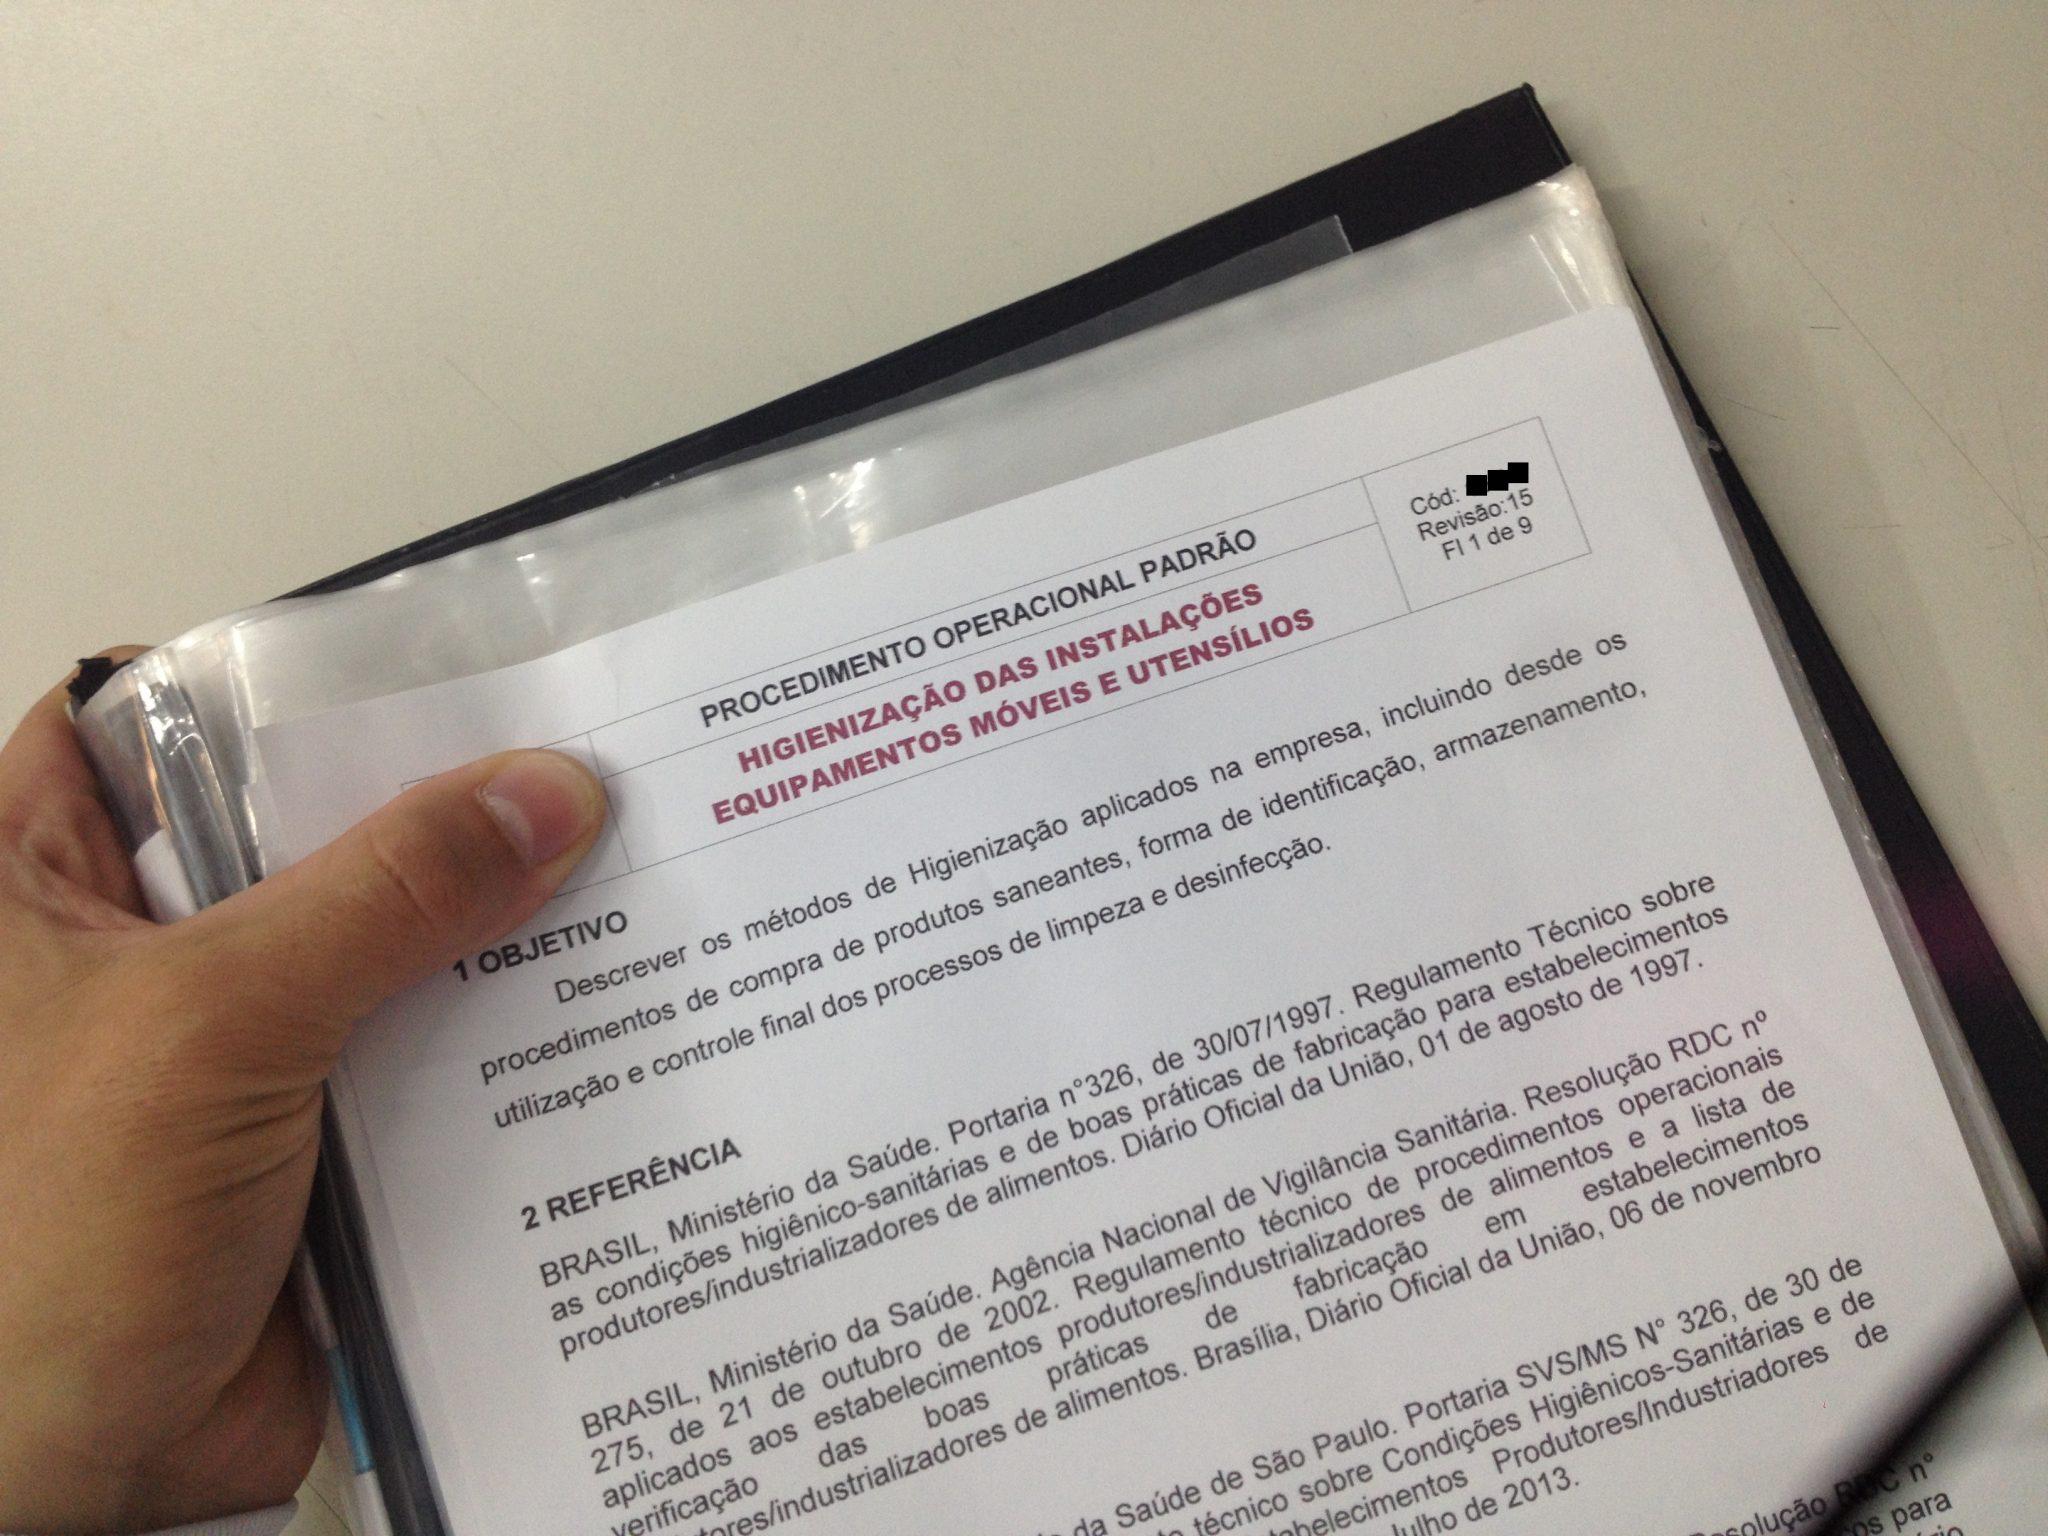 ELABORAÇÃO-DE-PROCEDIMENTOS-OPERACIONAIS-PADRONIZADOS-OU-PADRÃO-POP